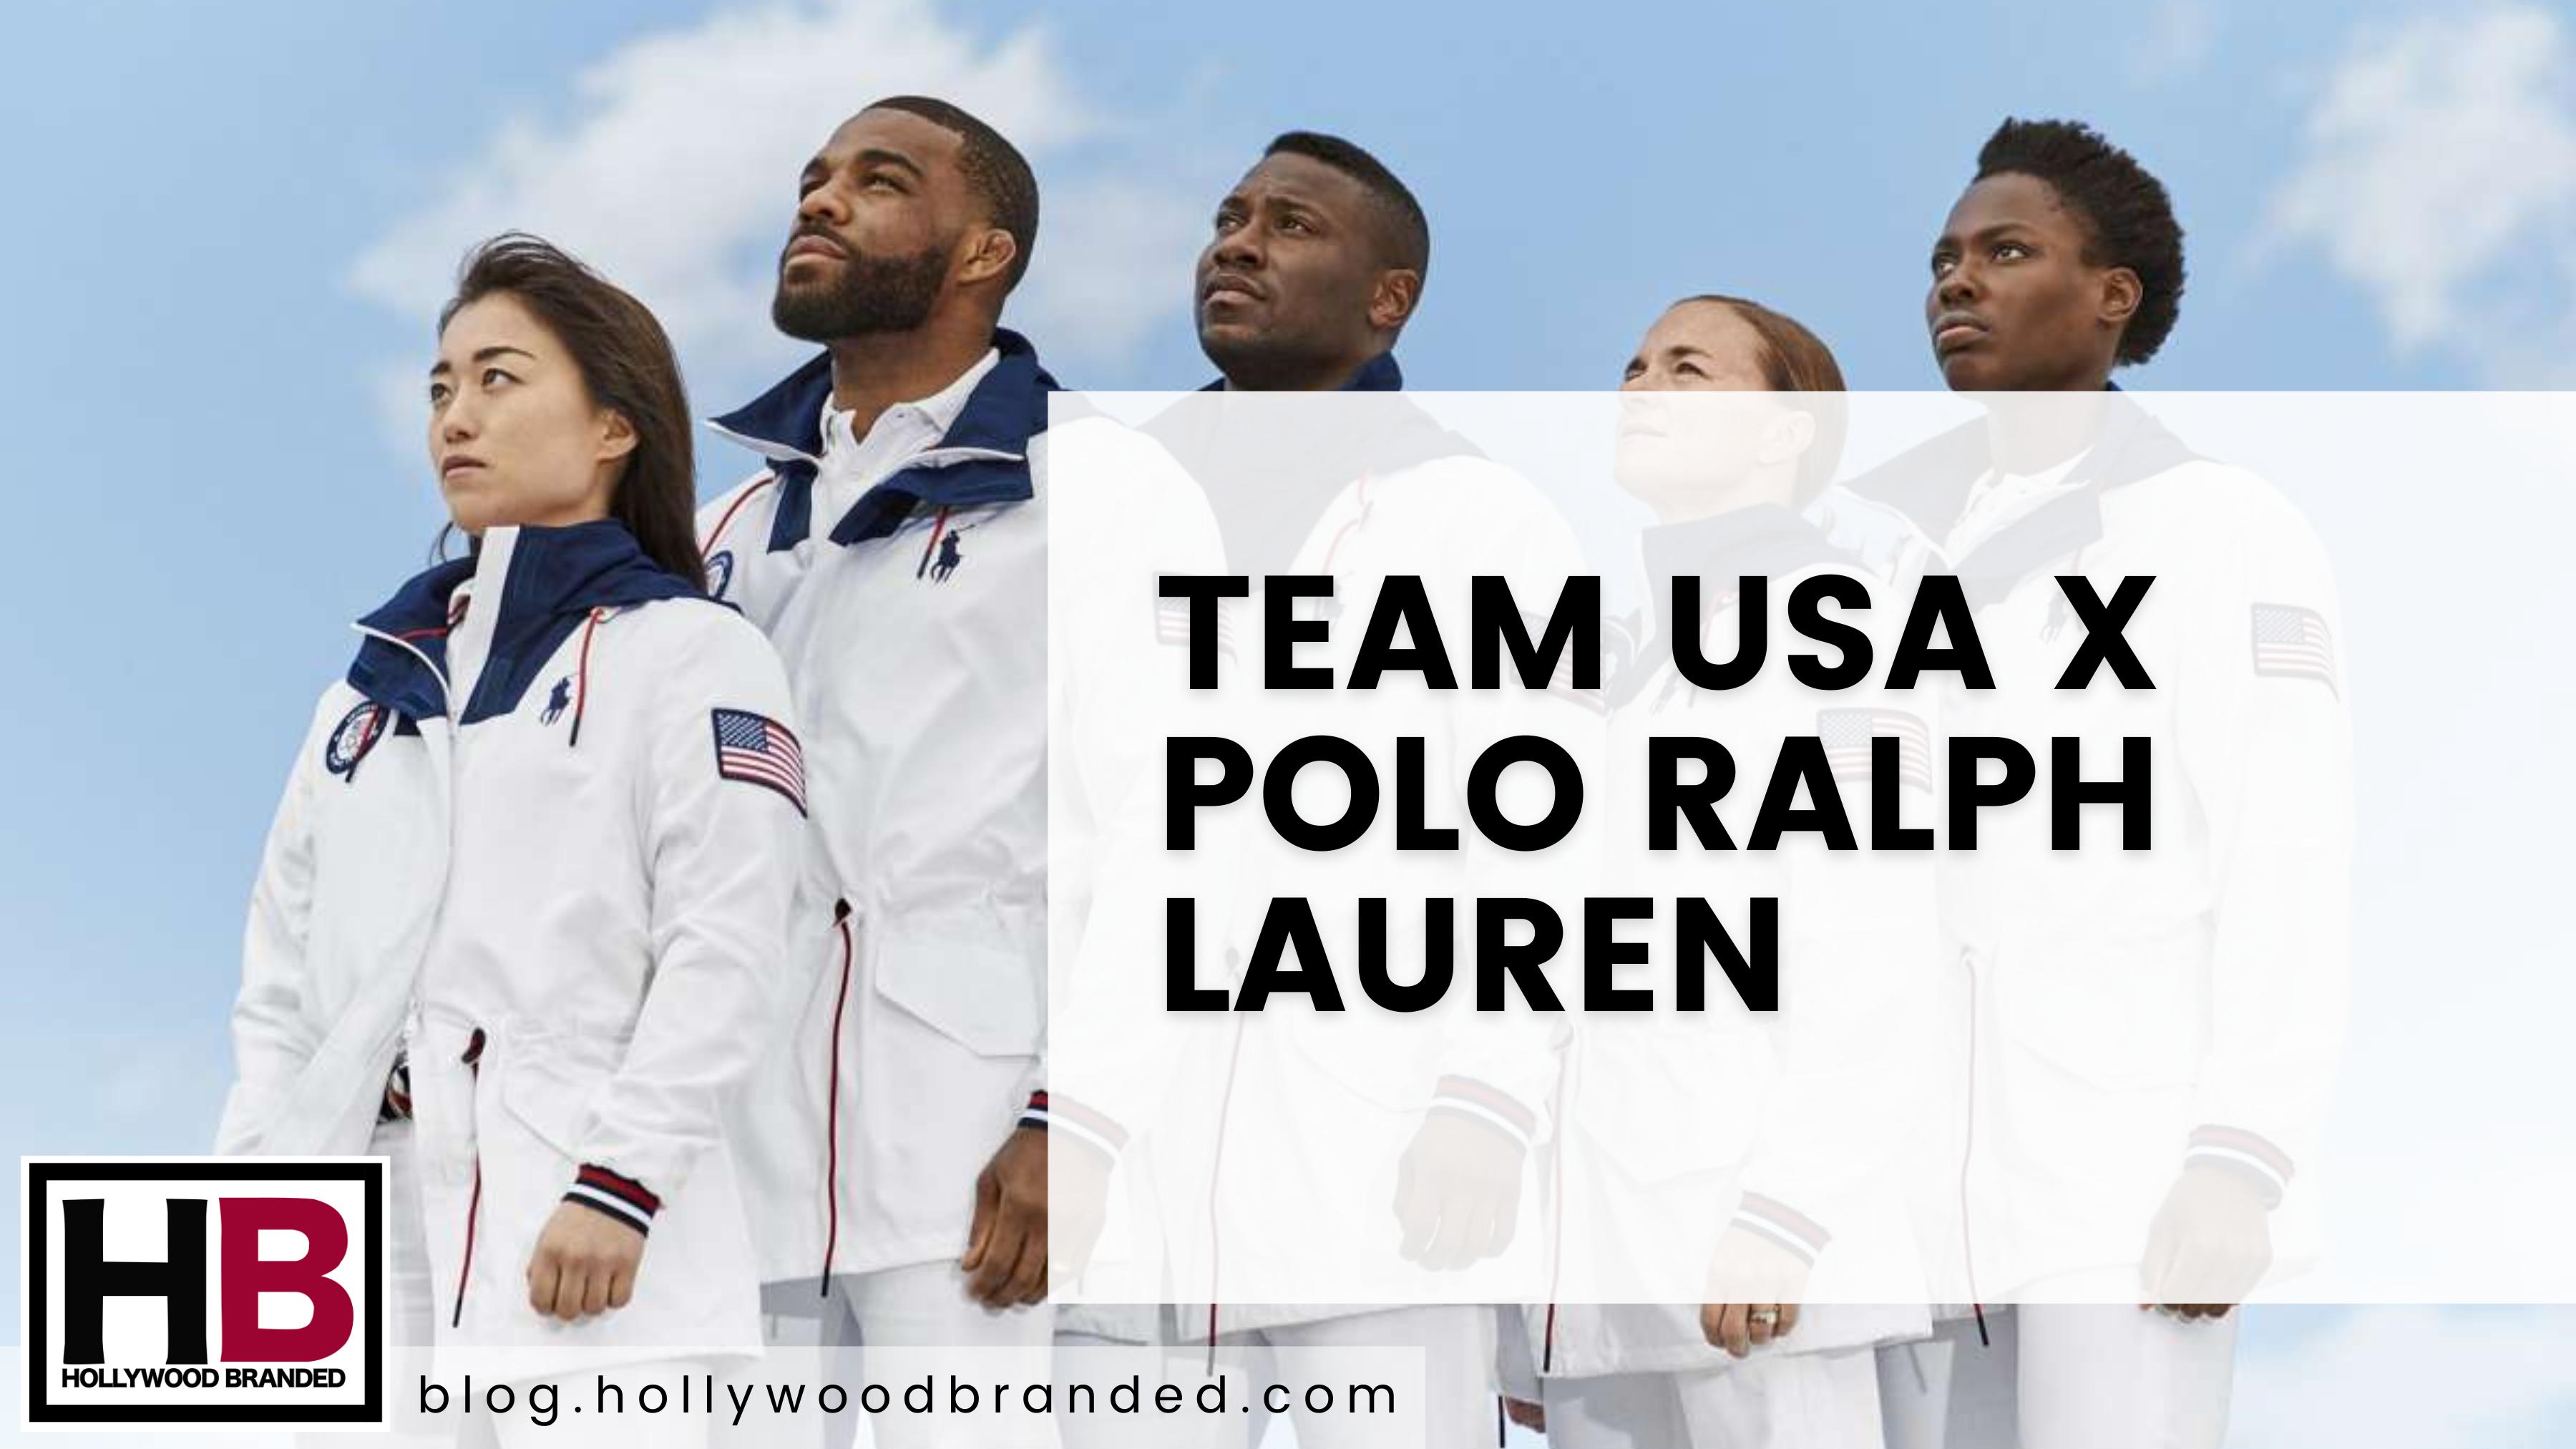 TEAM USA X POLO RALPH LAUREN